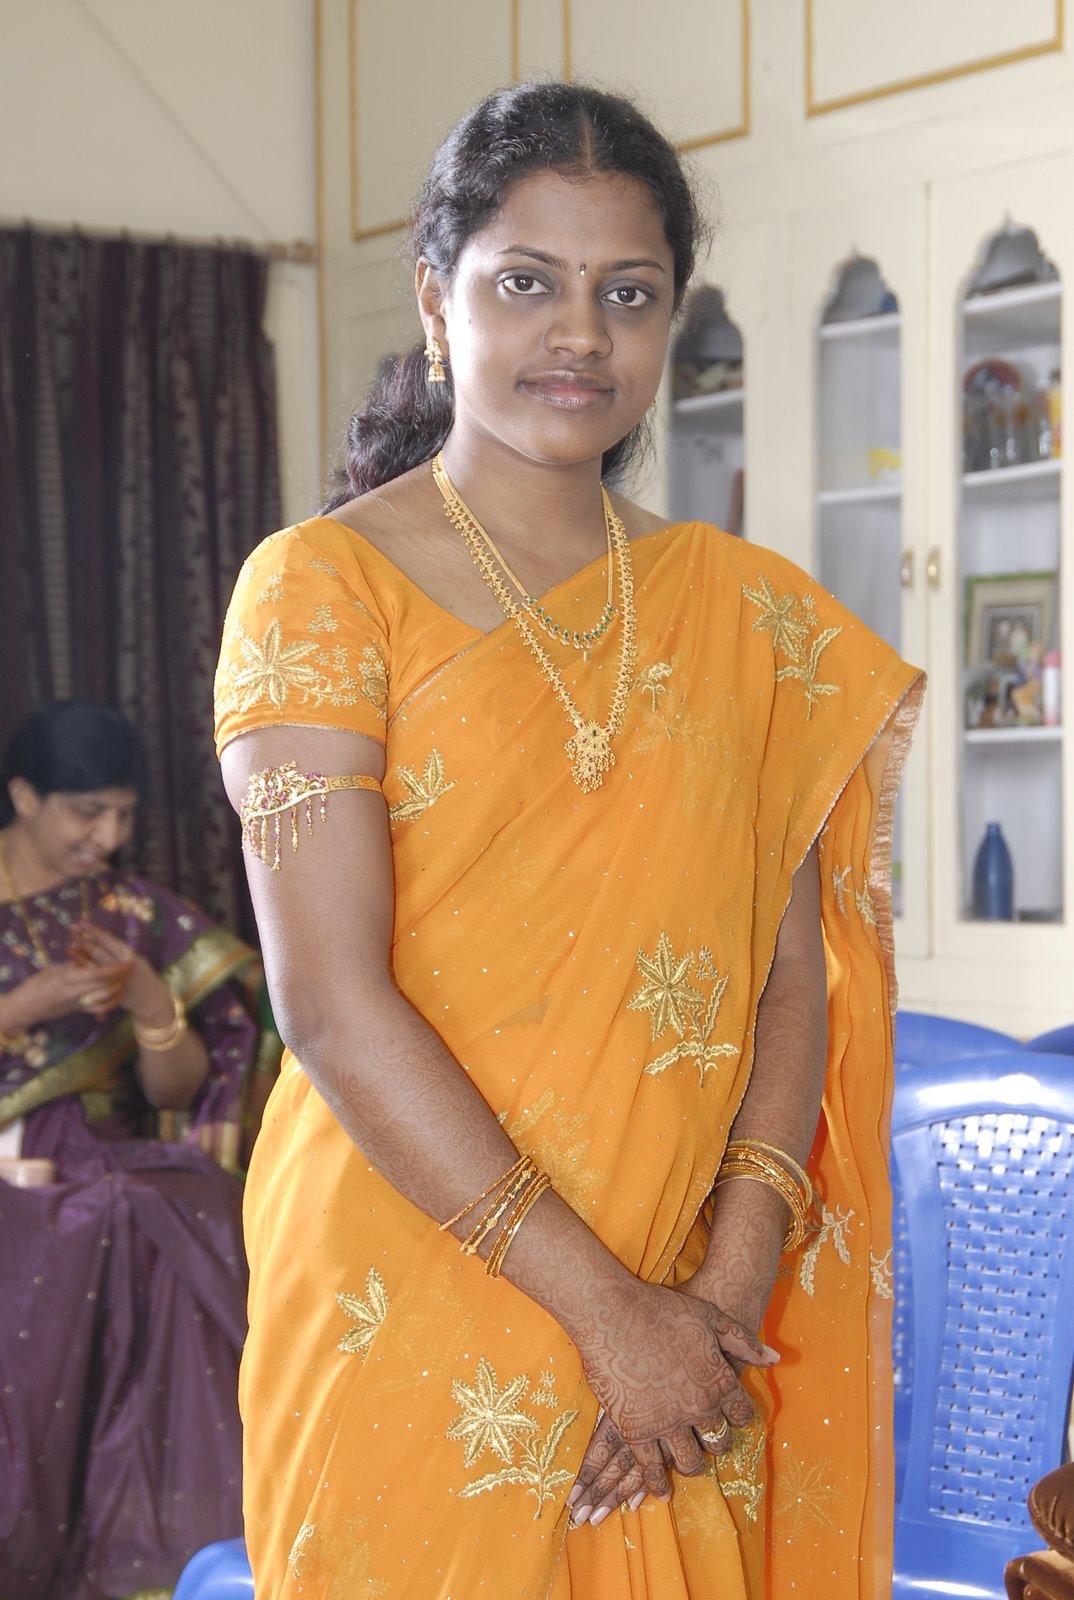 Desi women sex photos nsfw vids